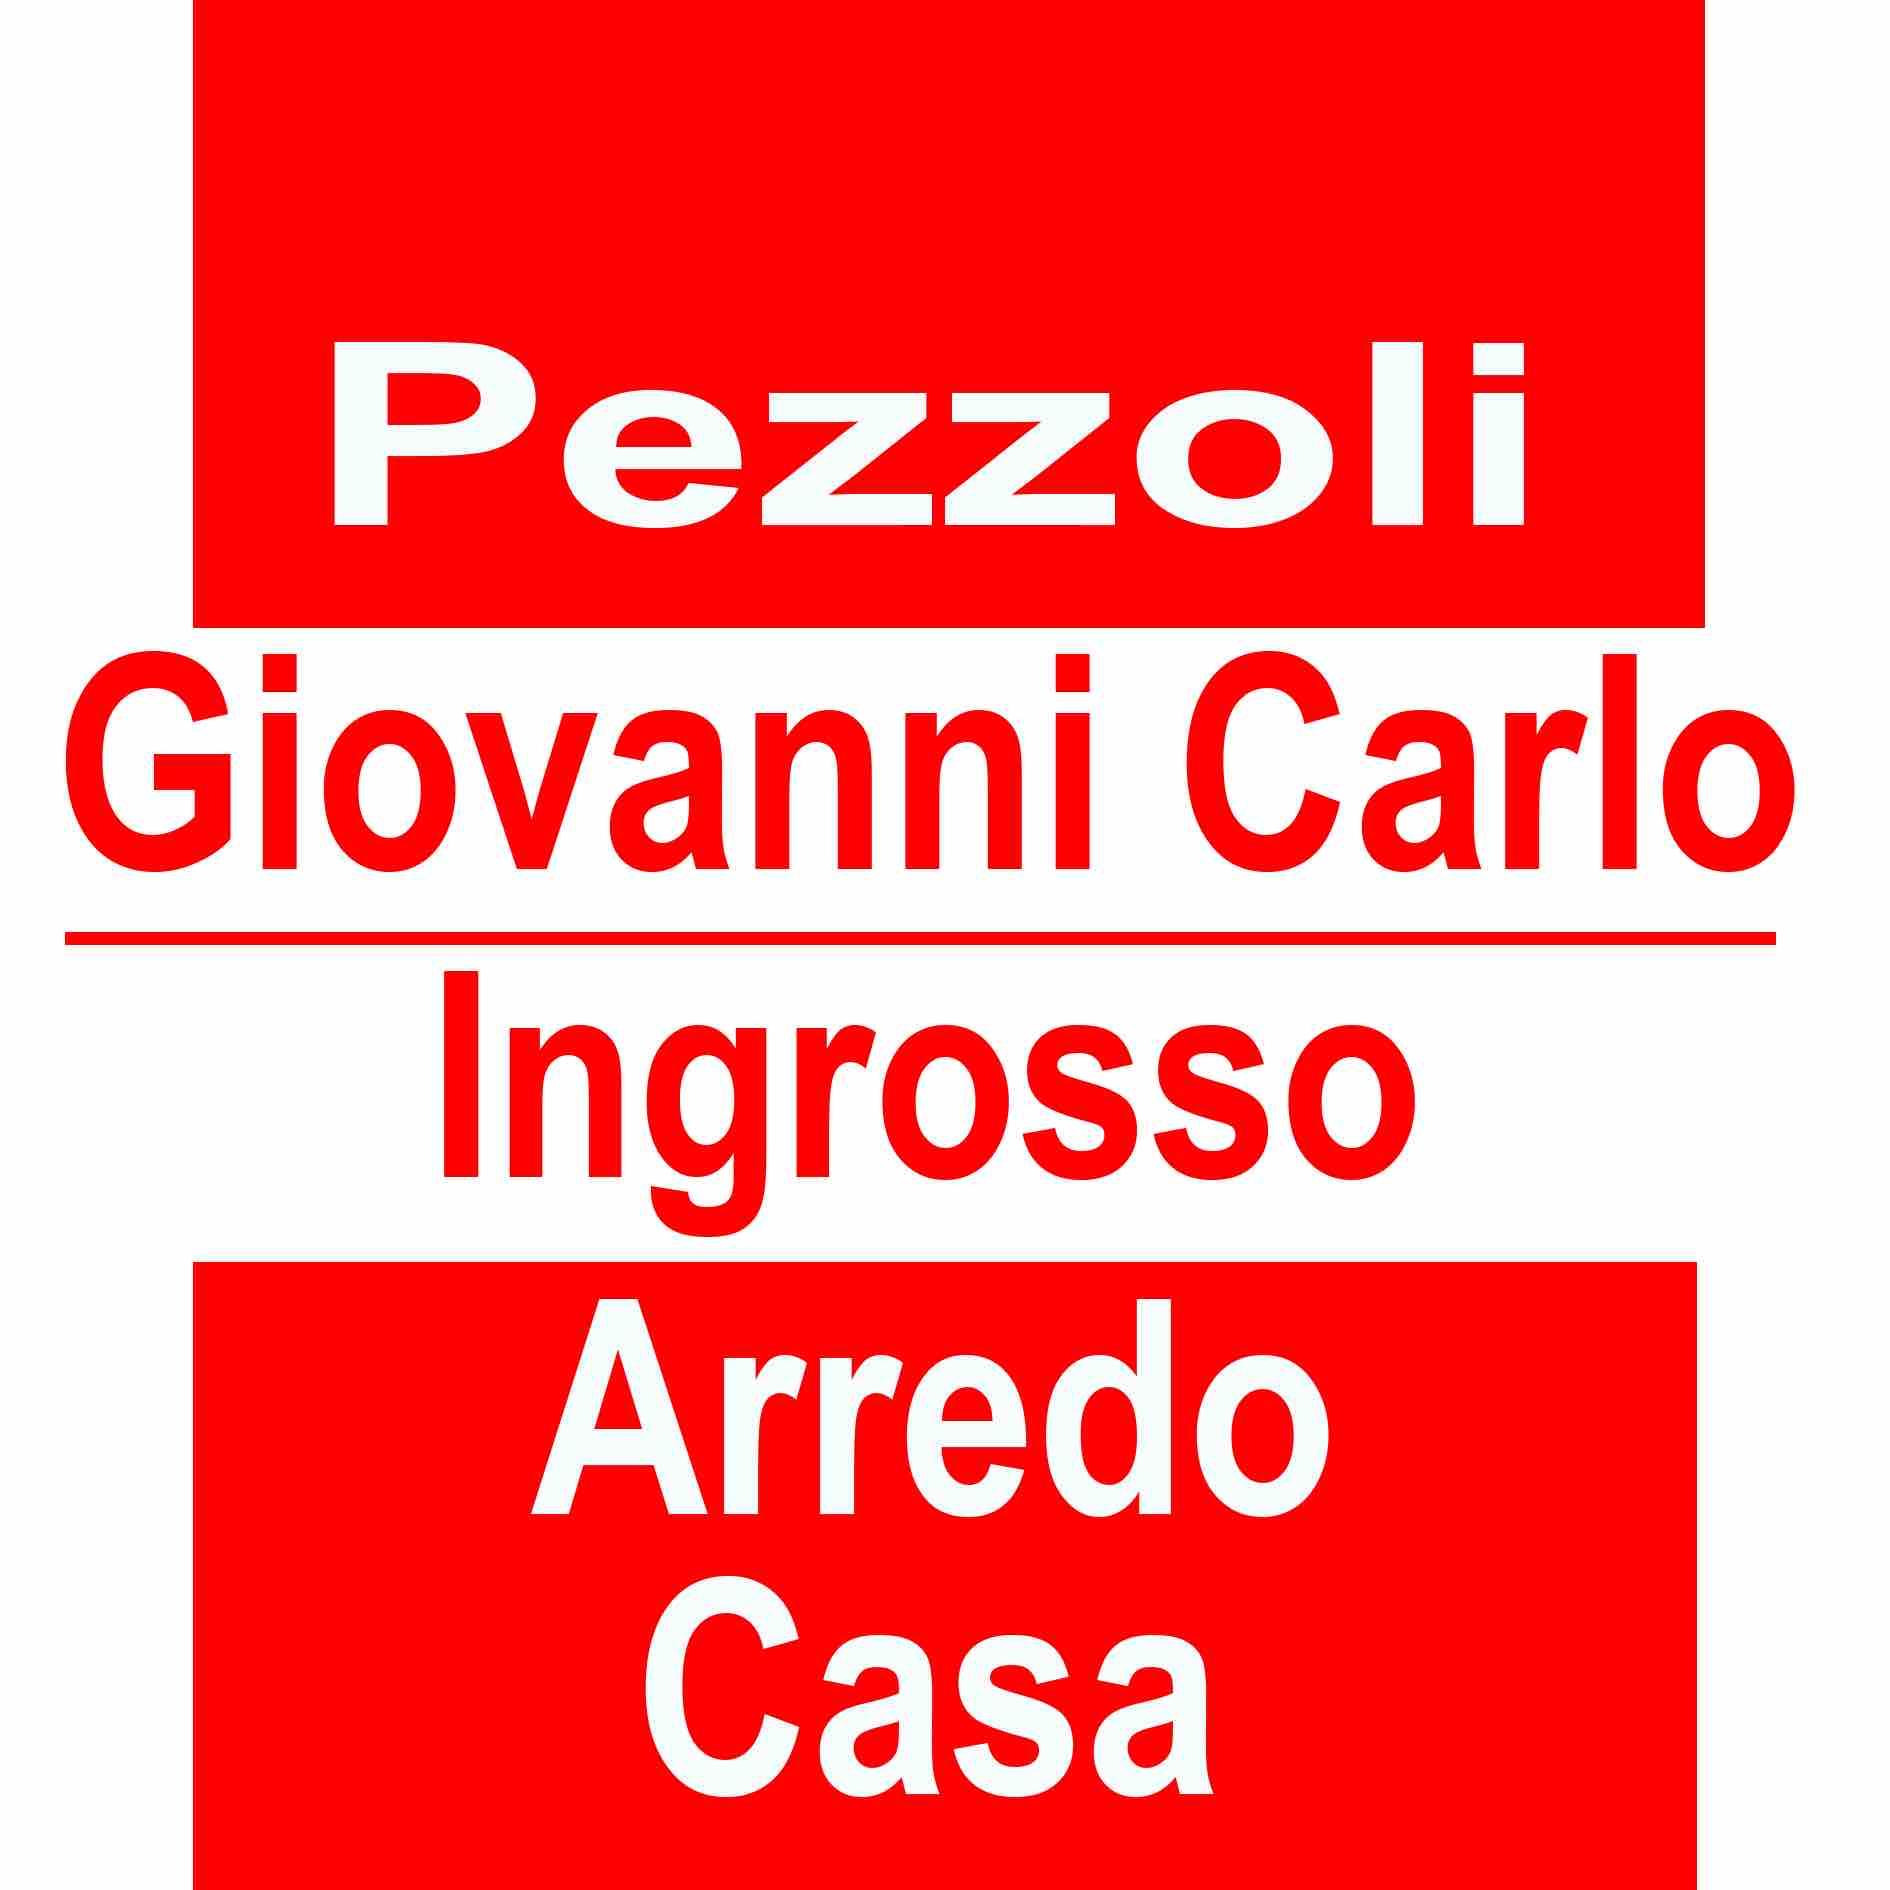 Pezzoli Giovanni Carlo Arredo Casa - Logo